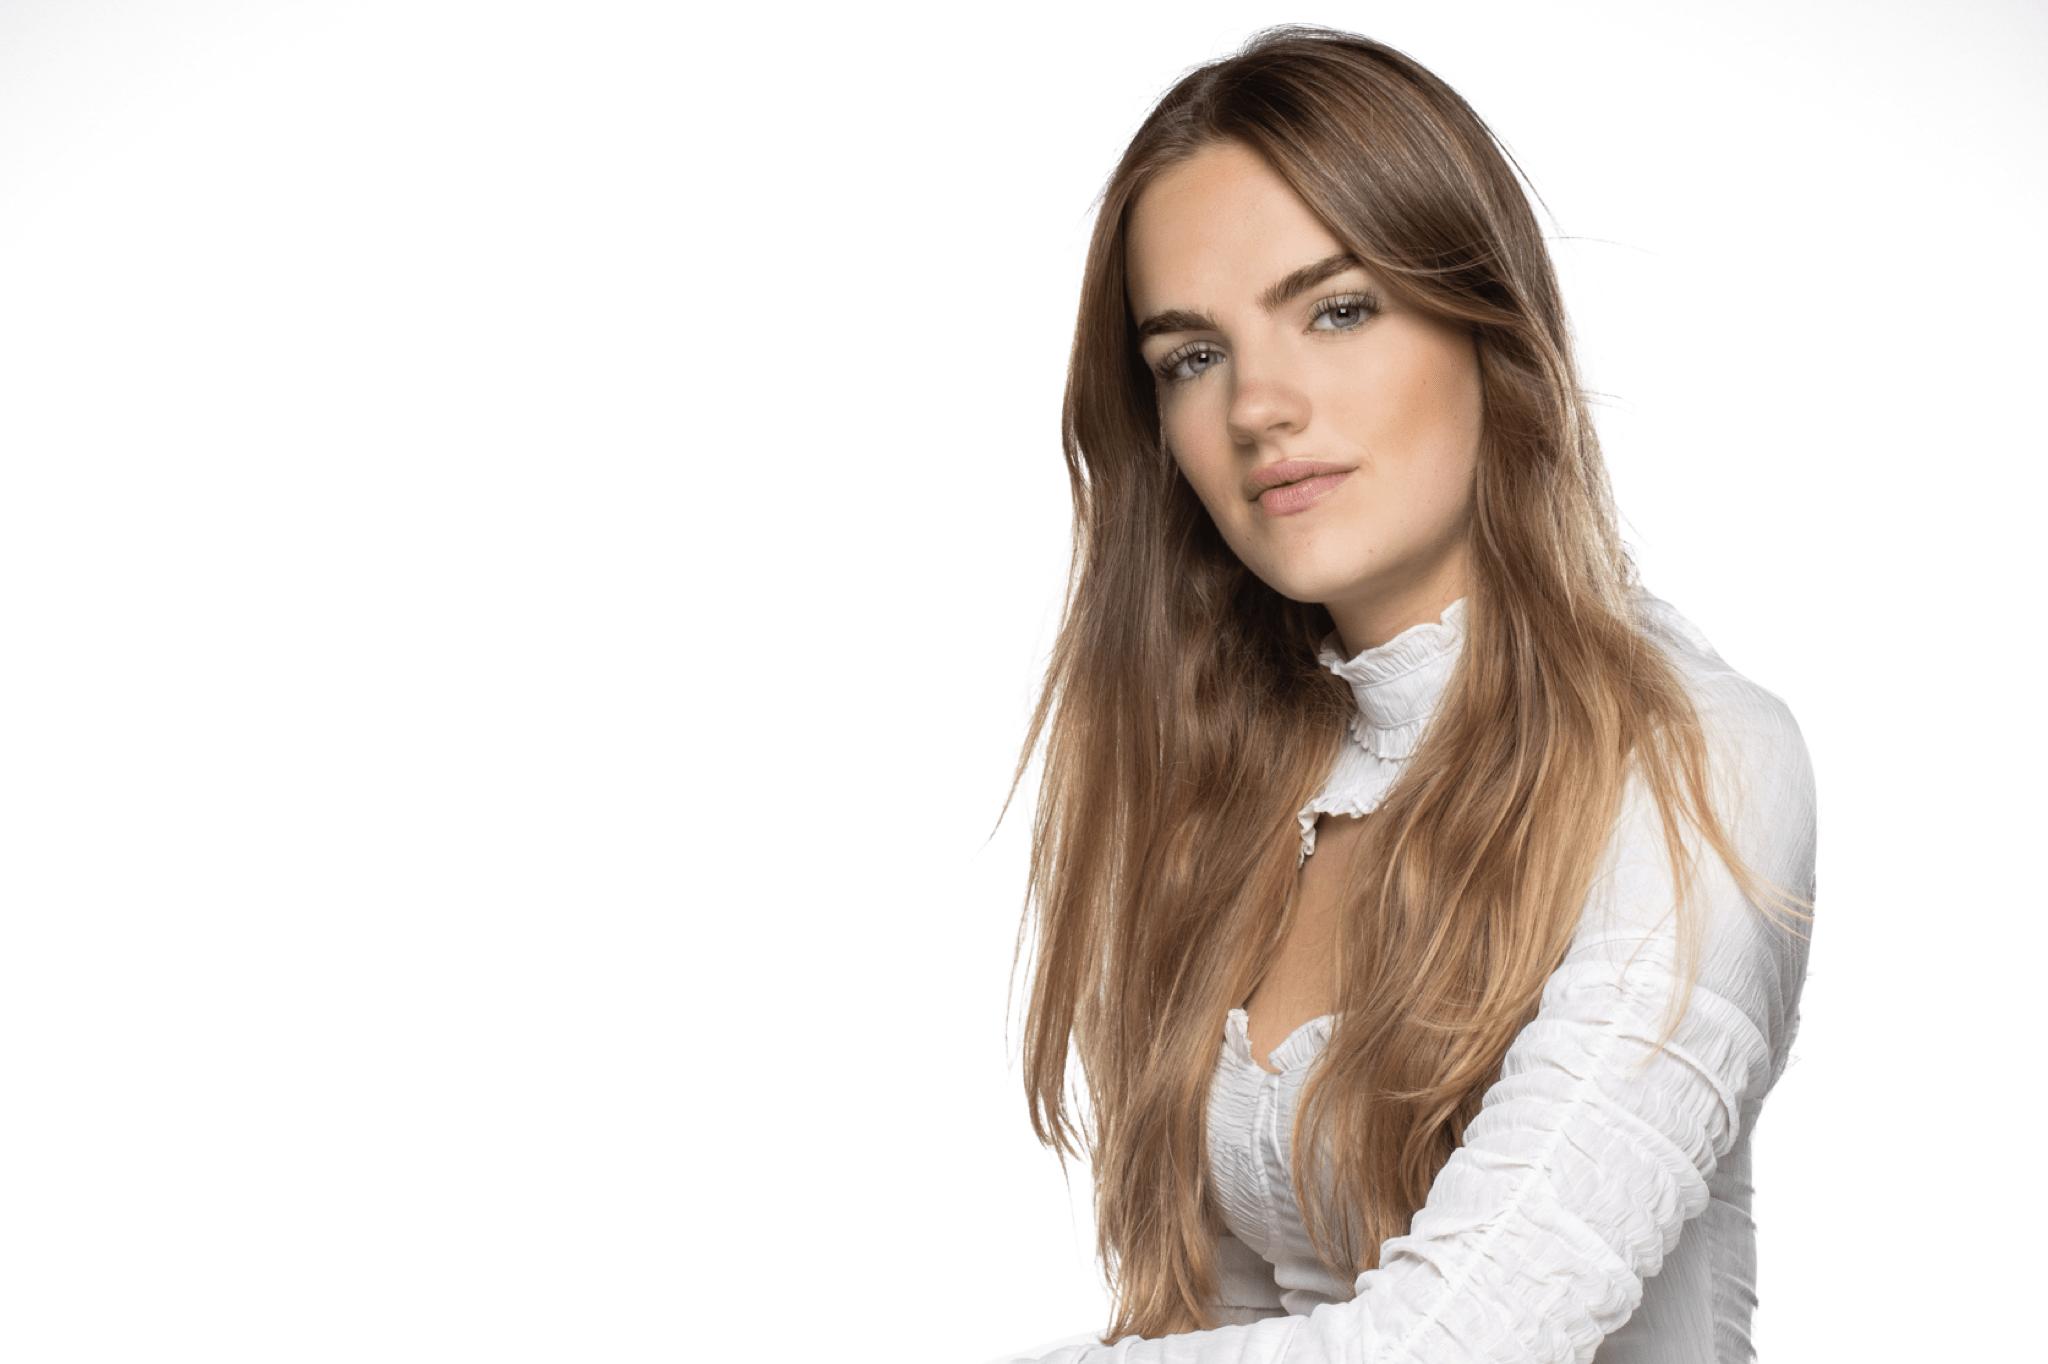 Portret - Julia van der Putten